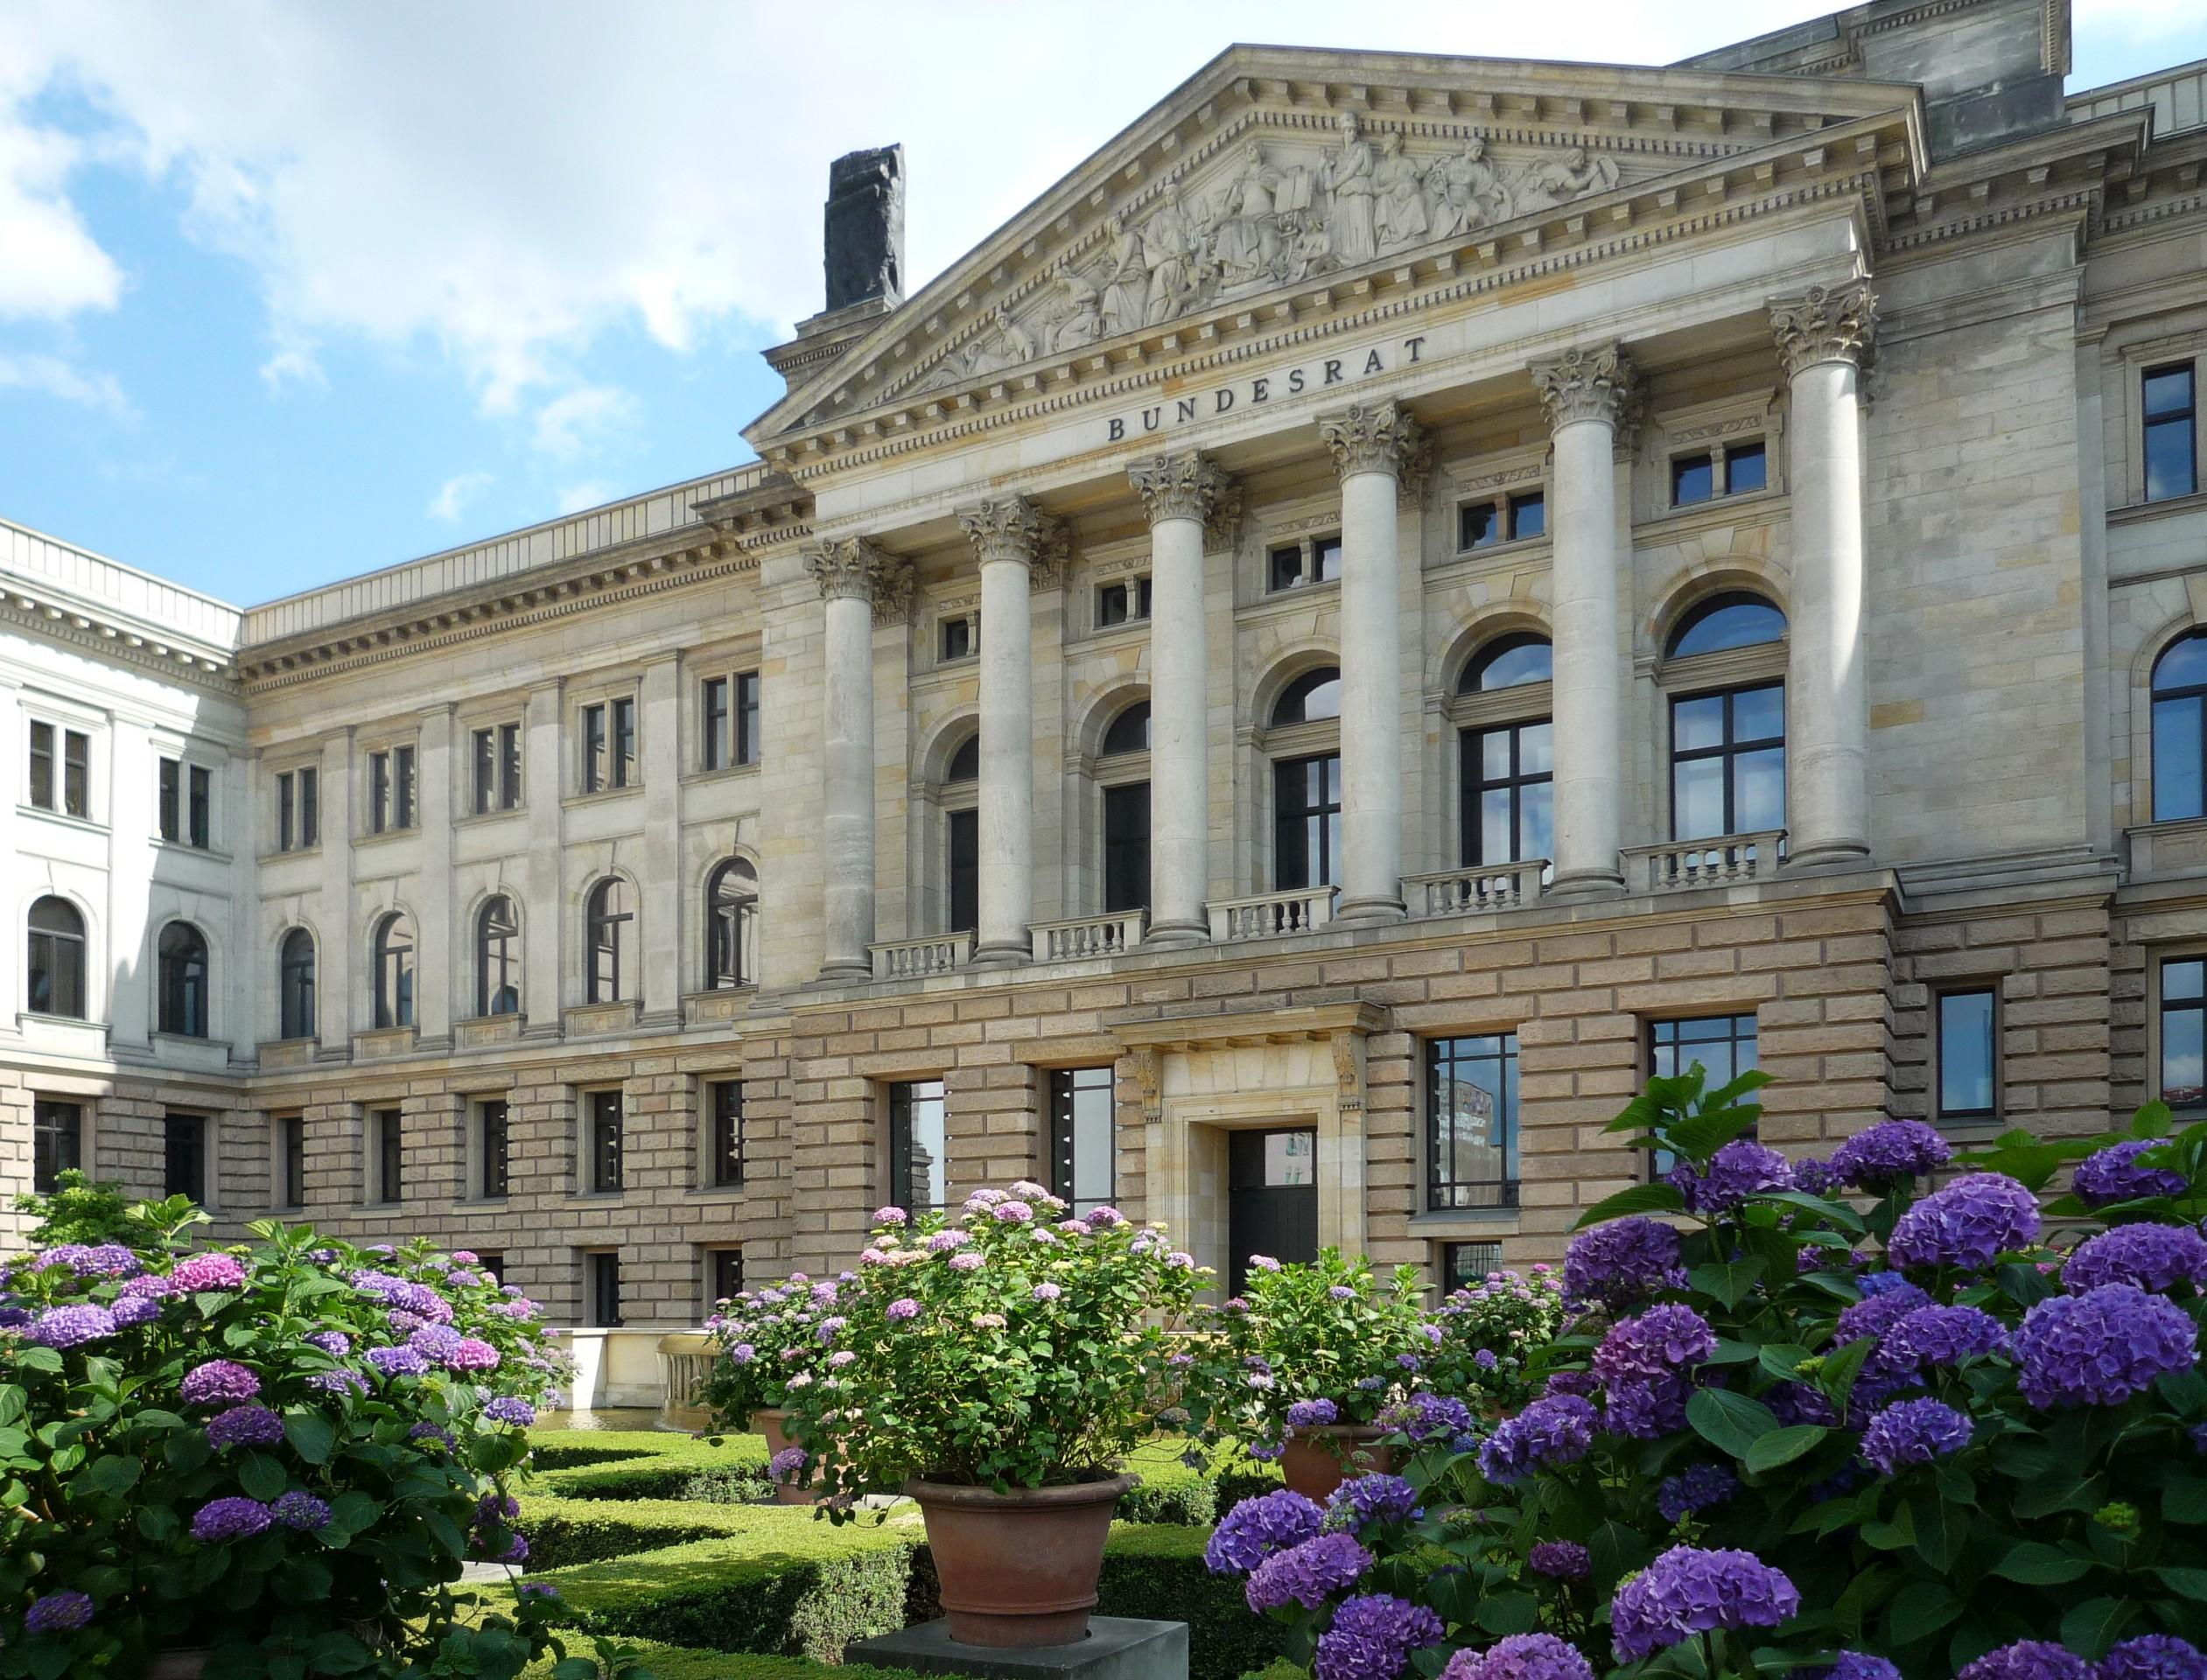 Die Bundesrepublik Deutschland ist ein kooperativ-föderalistischer Bundesstaat[214] mit einer sozialen Marktwirtschaft (Bundesratsgebäude in Berlin).